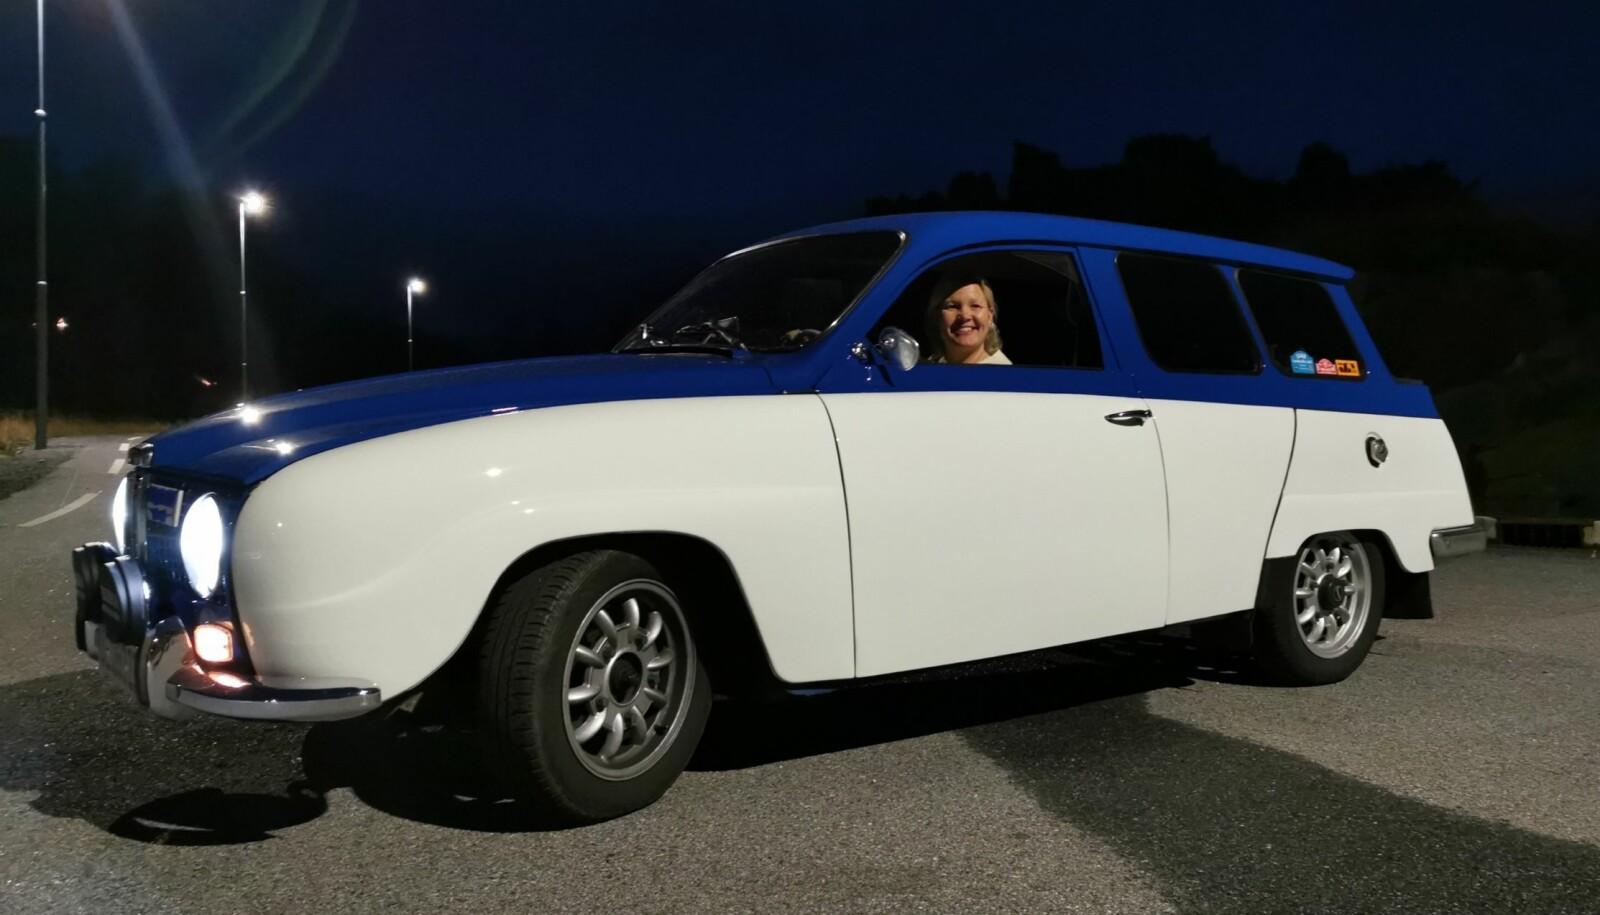 <b>EN AV TRE SAAB-ER: </b>Nina Jensen Kristiansen gjør Bergen blidere med sin helt spesielle hvit- og blålakkerte Saab stasjonsvogn. Familiehunden Sason er oppkalt etter etternavnet til Saabs berømte designer, Sixten Sason og dukket ned da bildet ble tatt.